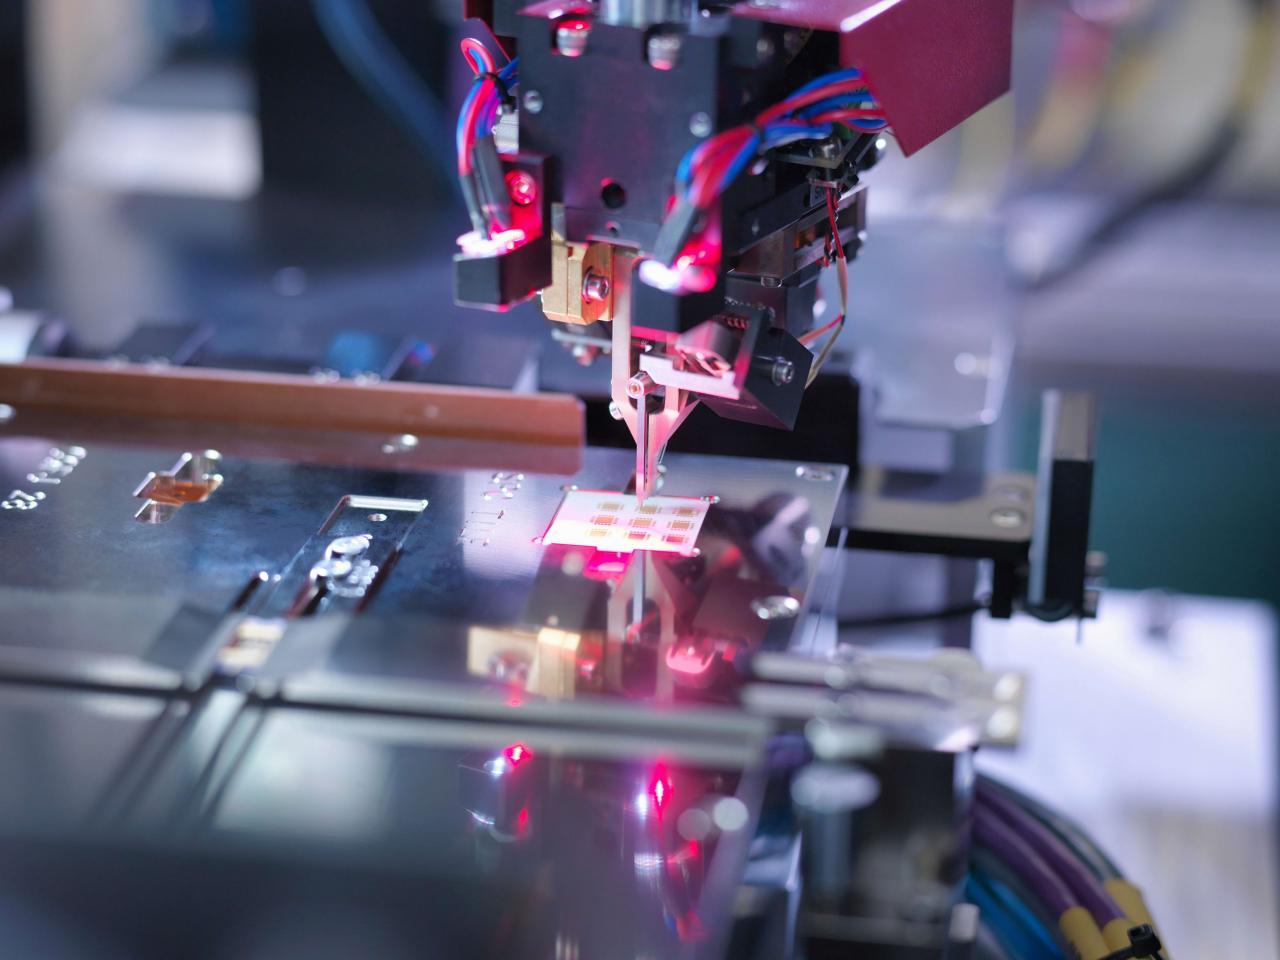 中國在AI芯片研究上仍處下風。